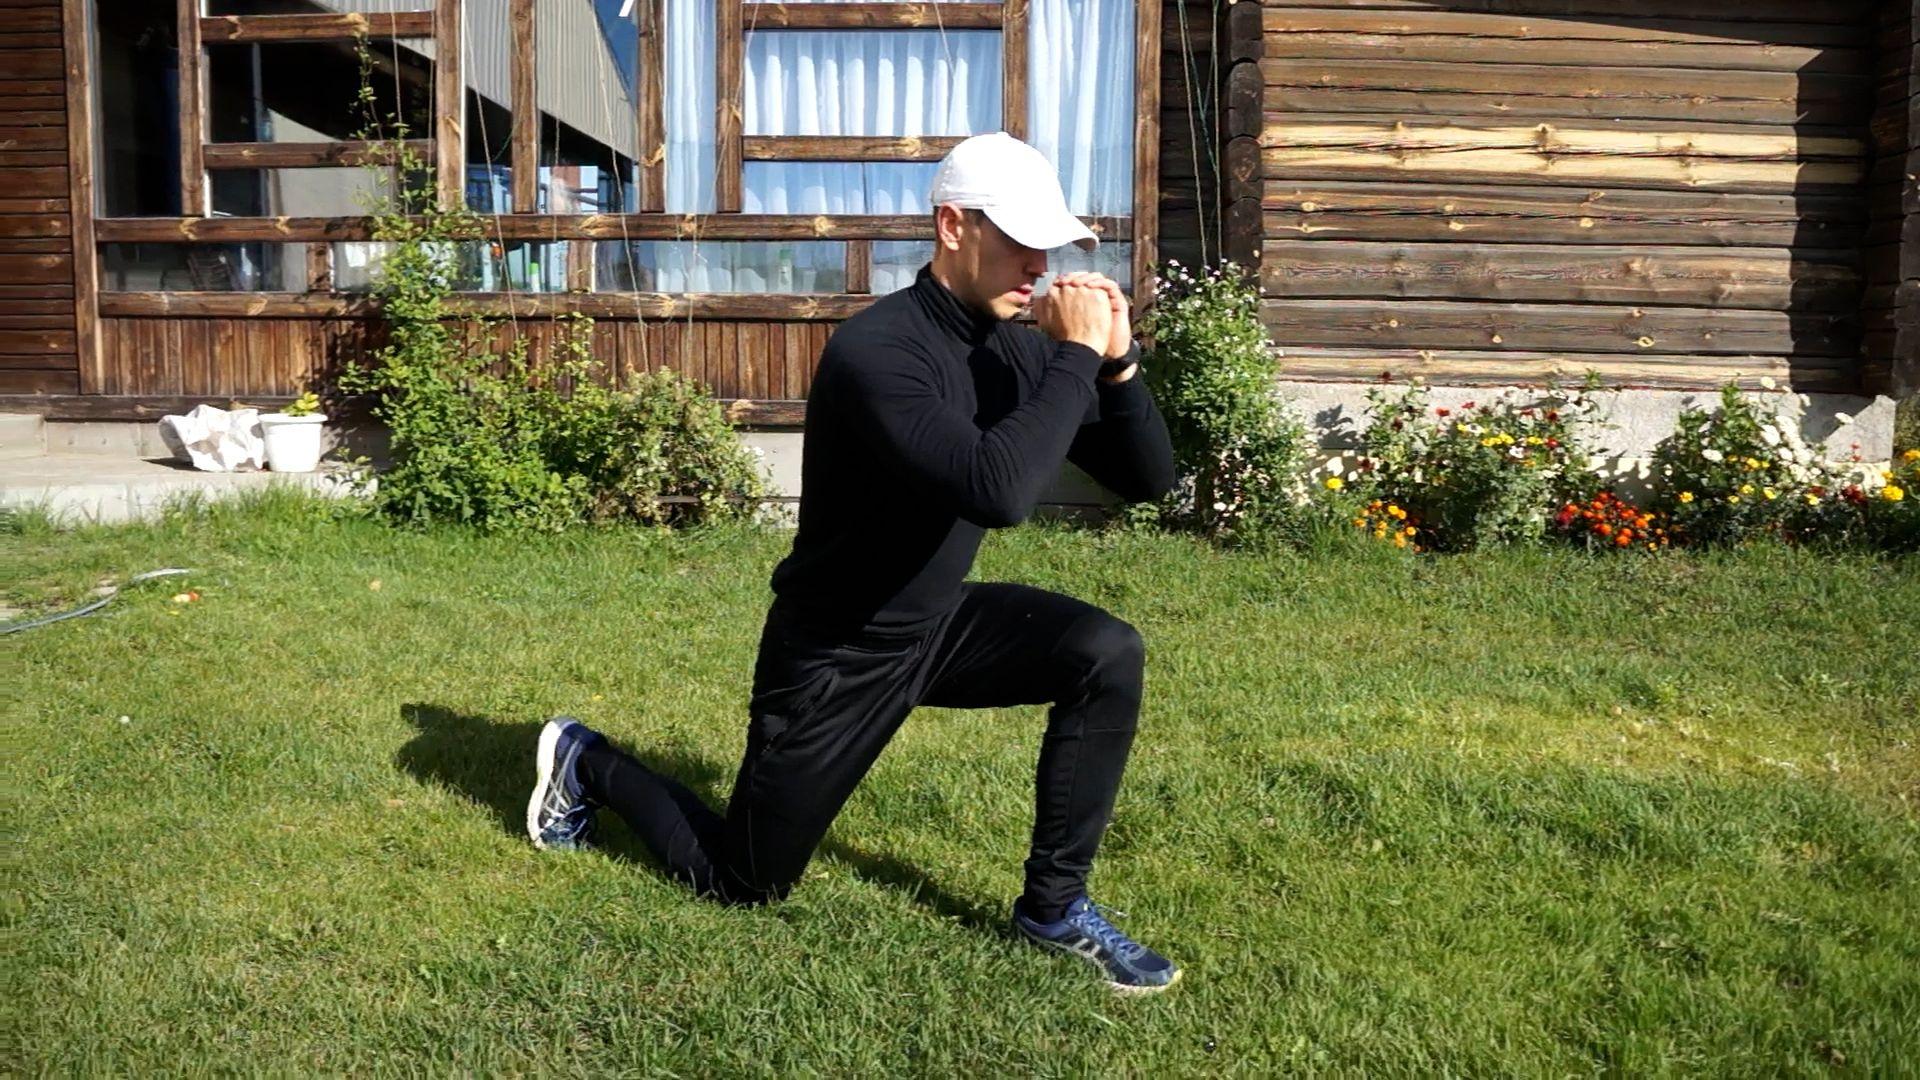 Outside Exercise 5